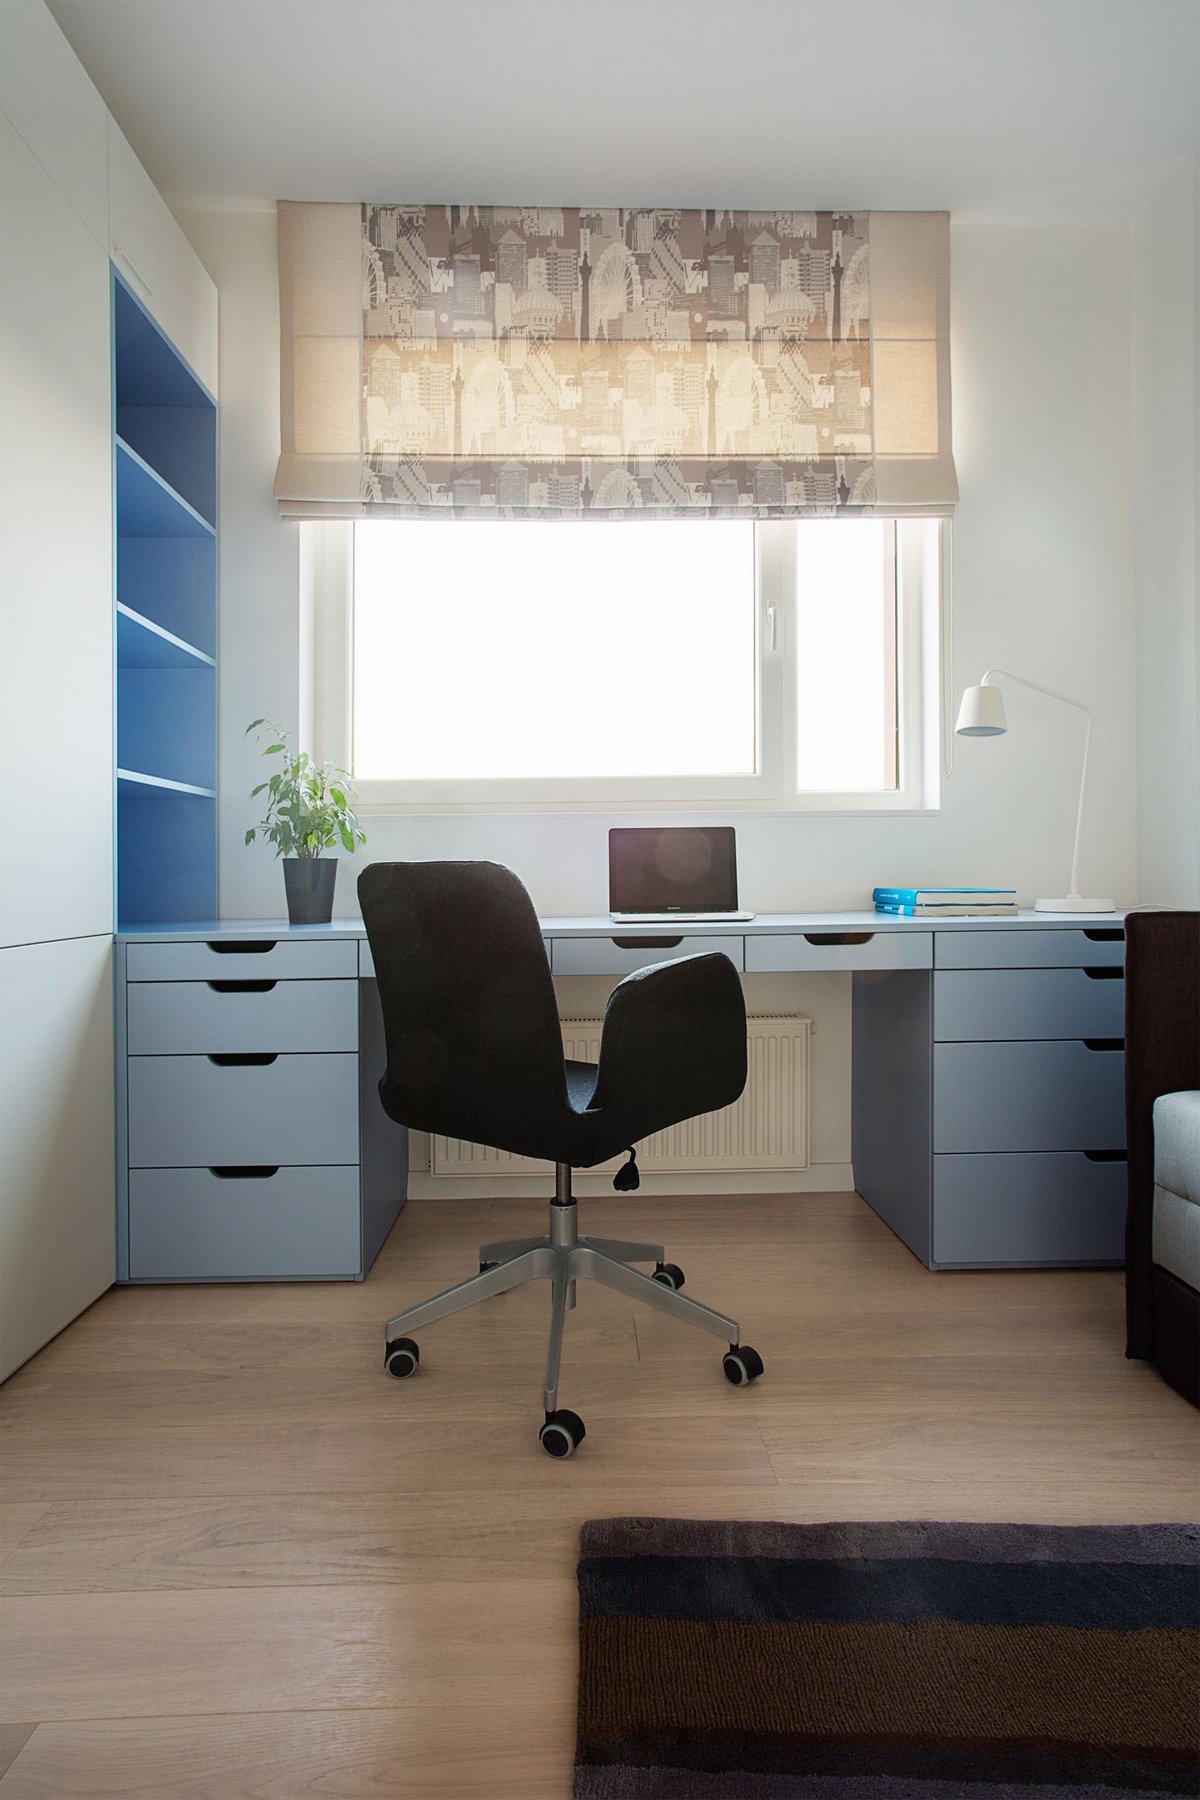 нейтральный интерьер, светлый интерьер квартиры фото, квартиры в Литве, примеры оформления интерьера, светлый дизайн интерьера квартиры